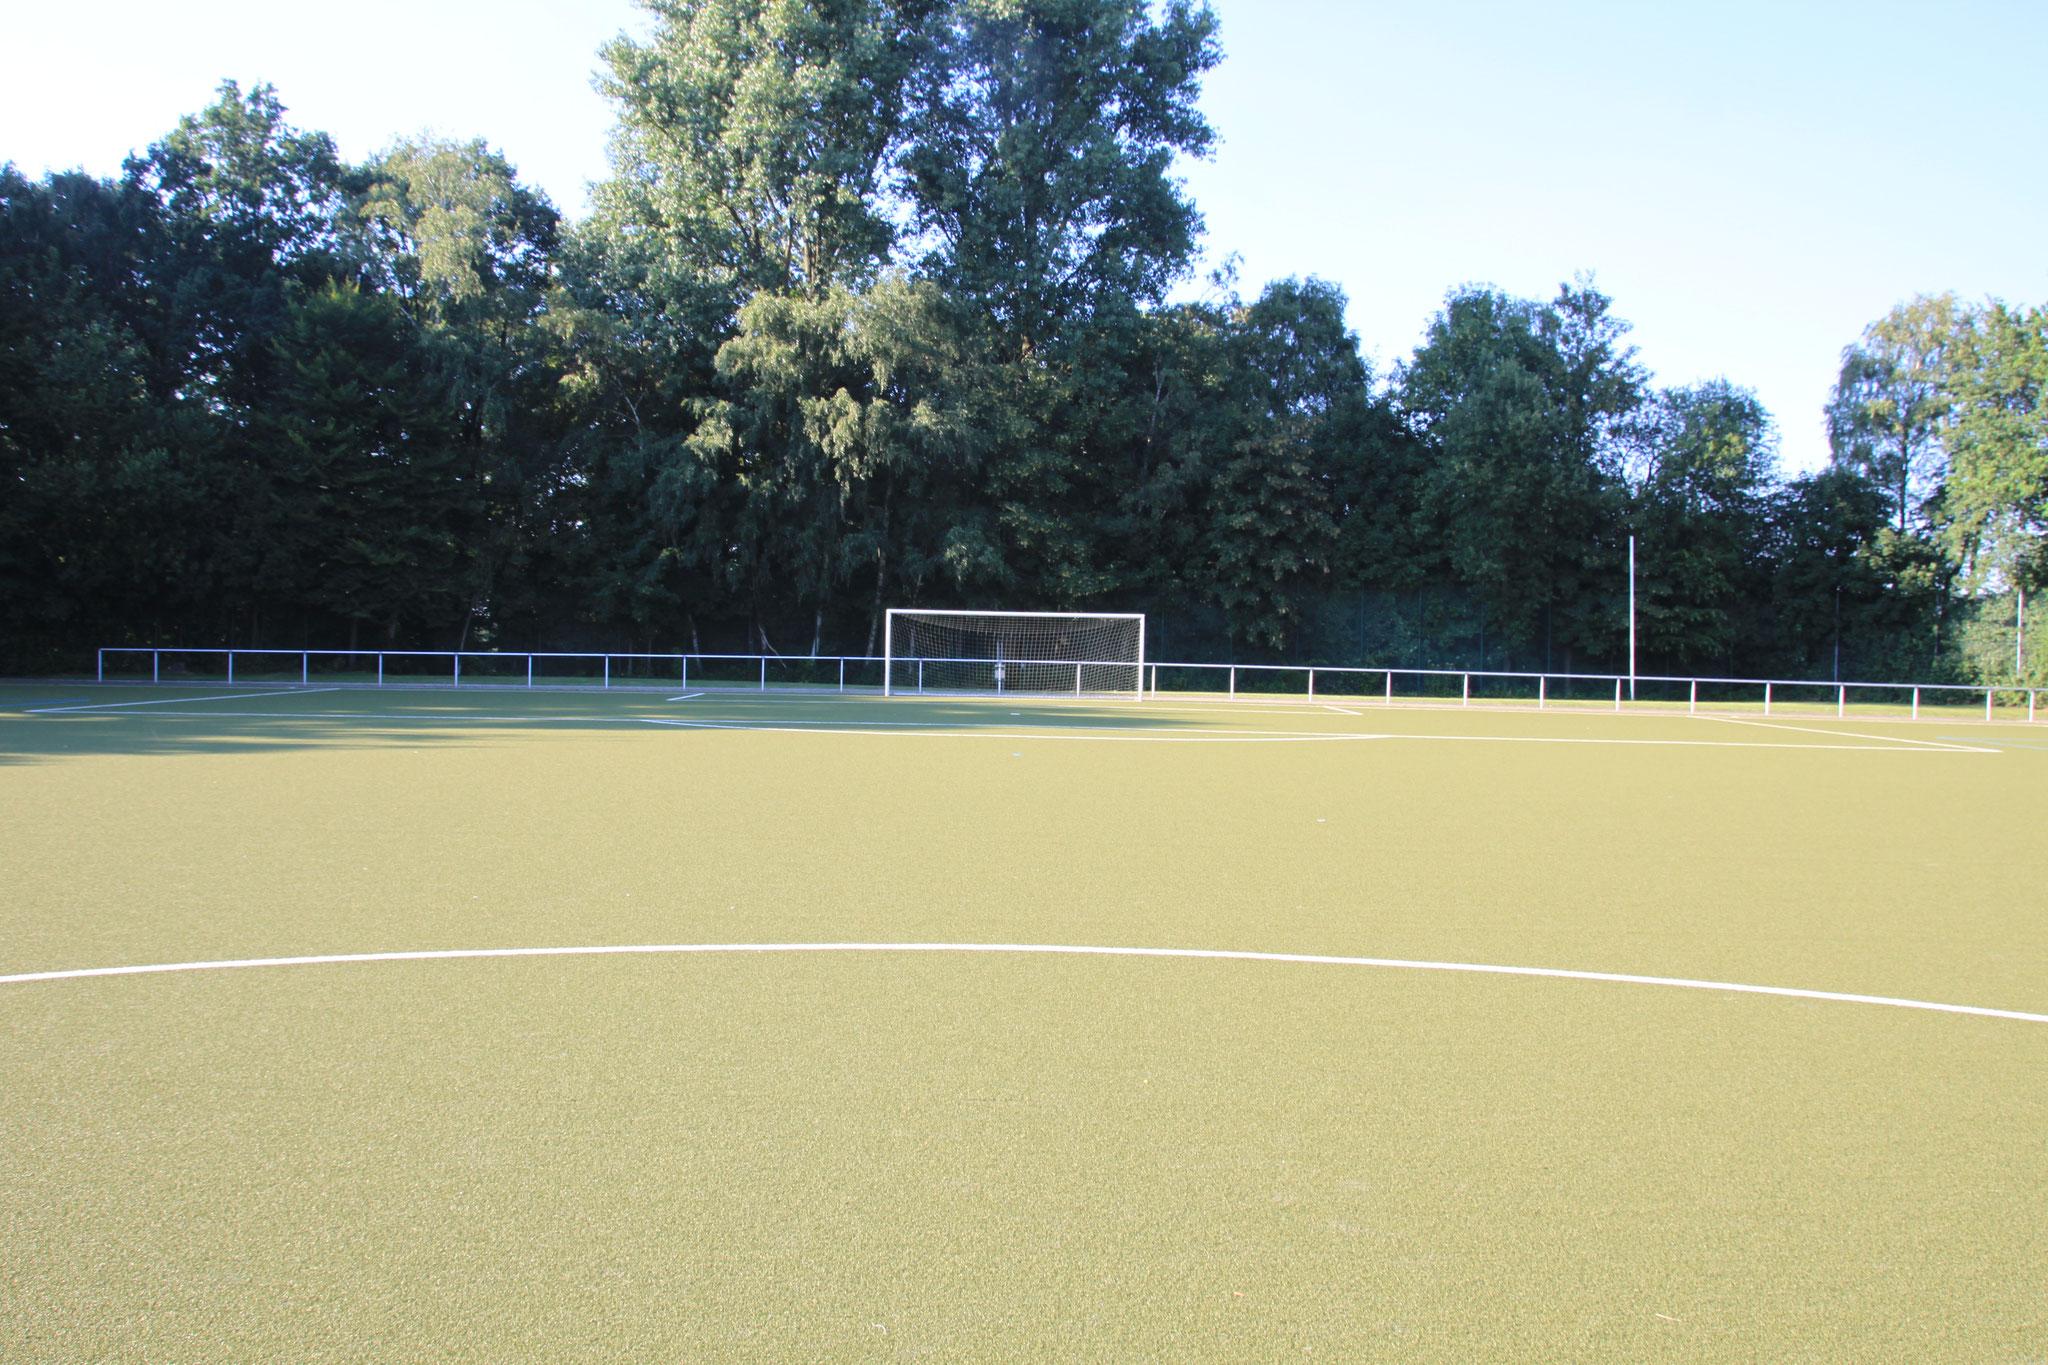 Sportplatz Sicht Mittelpunkt